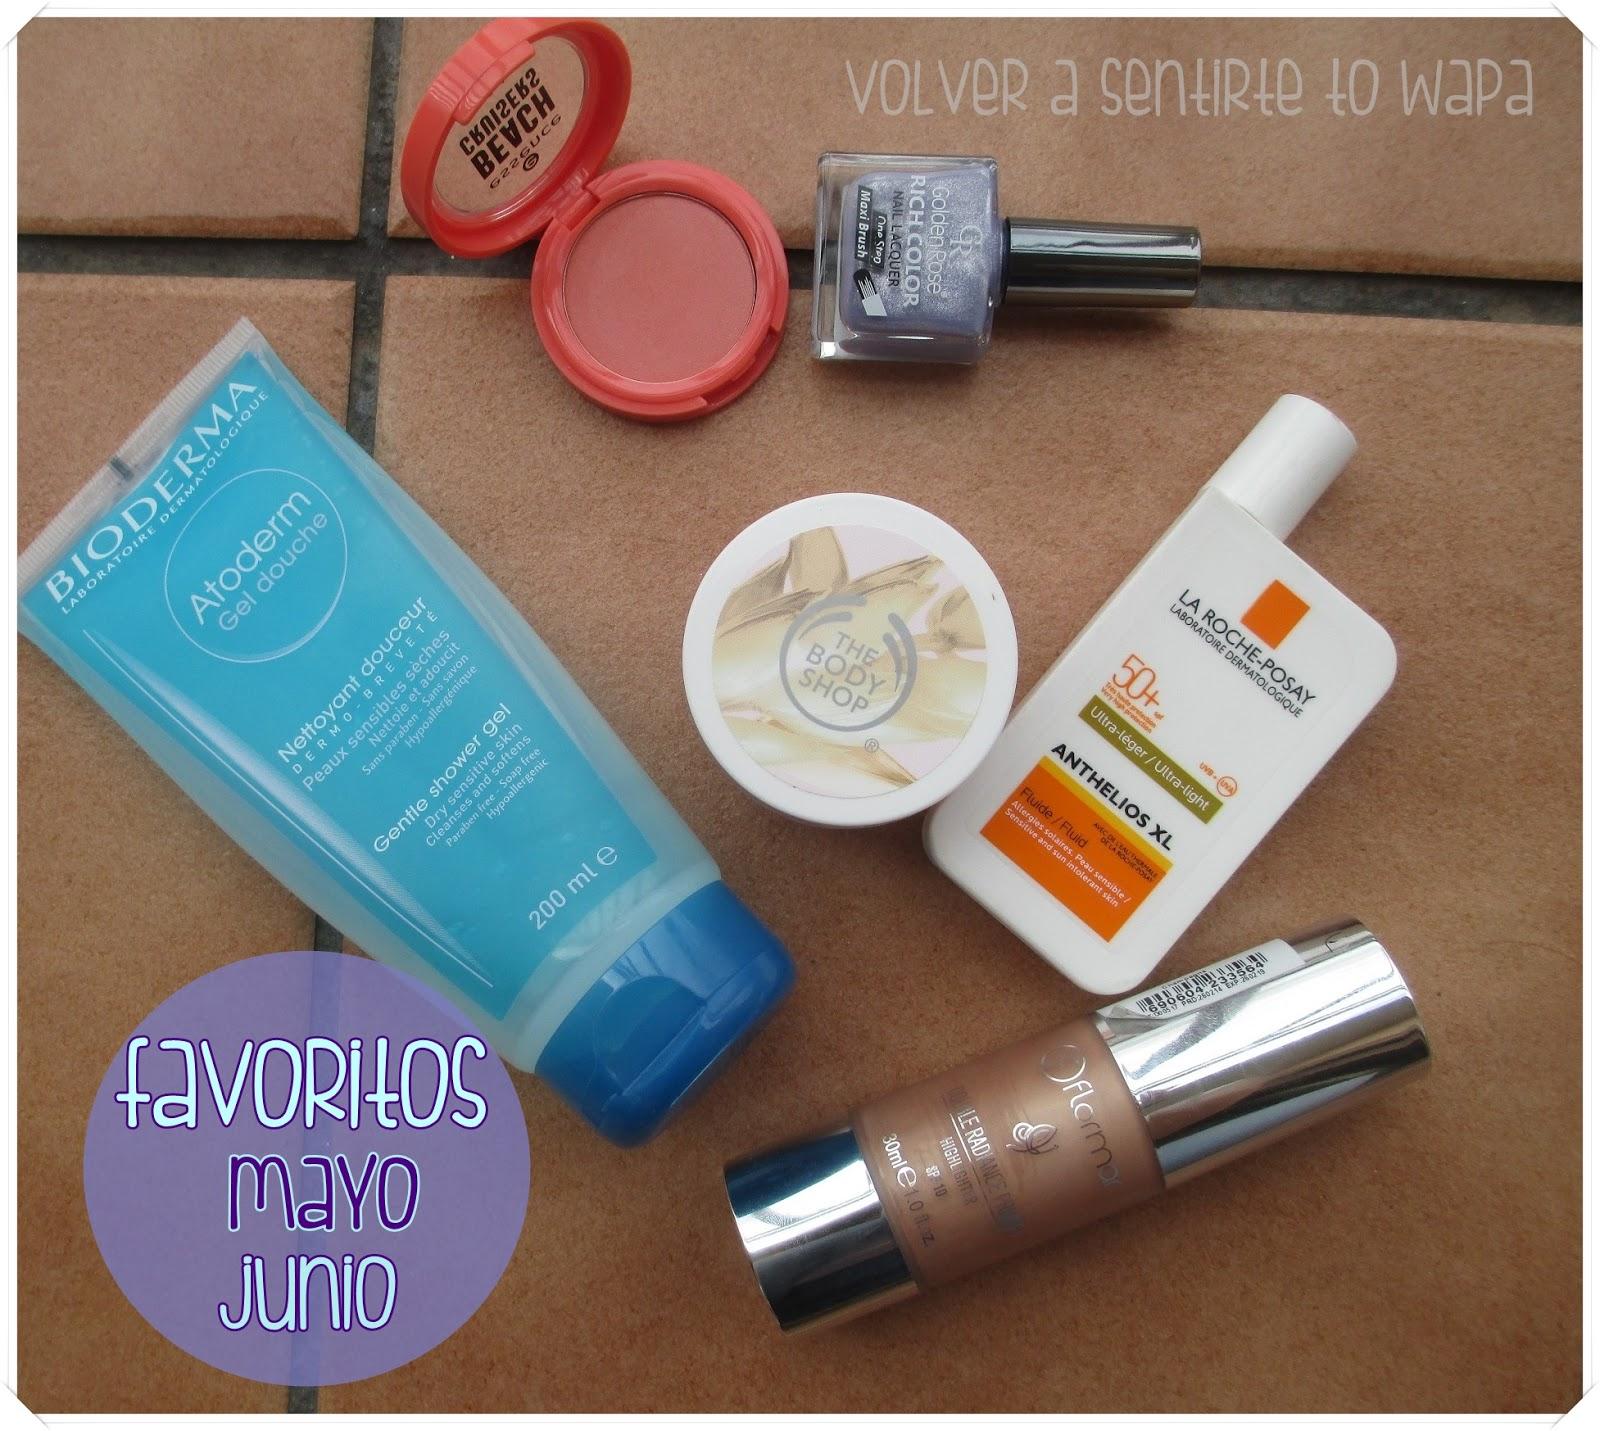 Favoritos de cosmética - Volver a Sentirte to Wapa